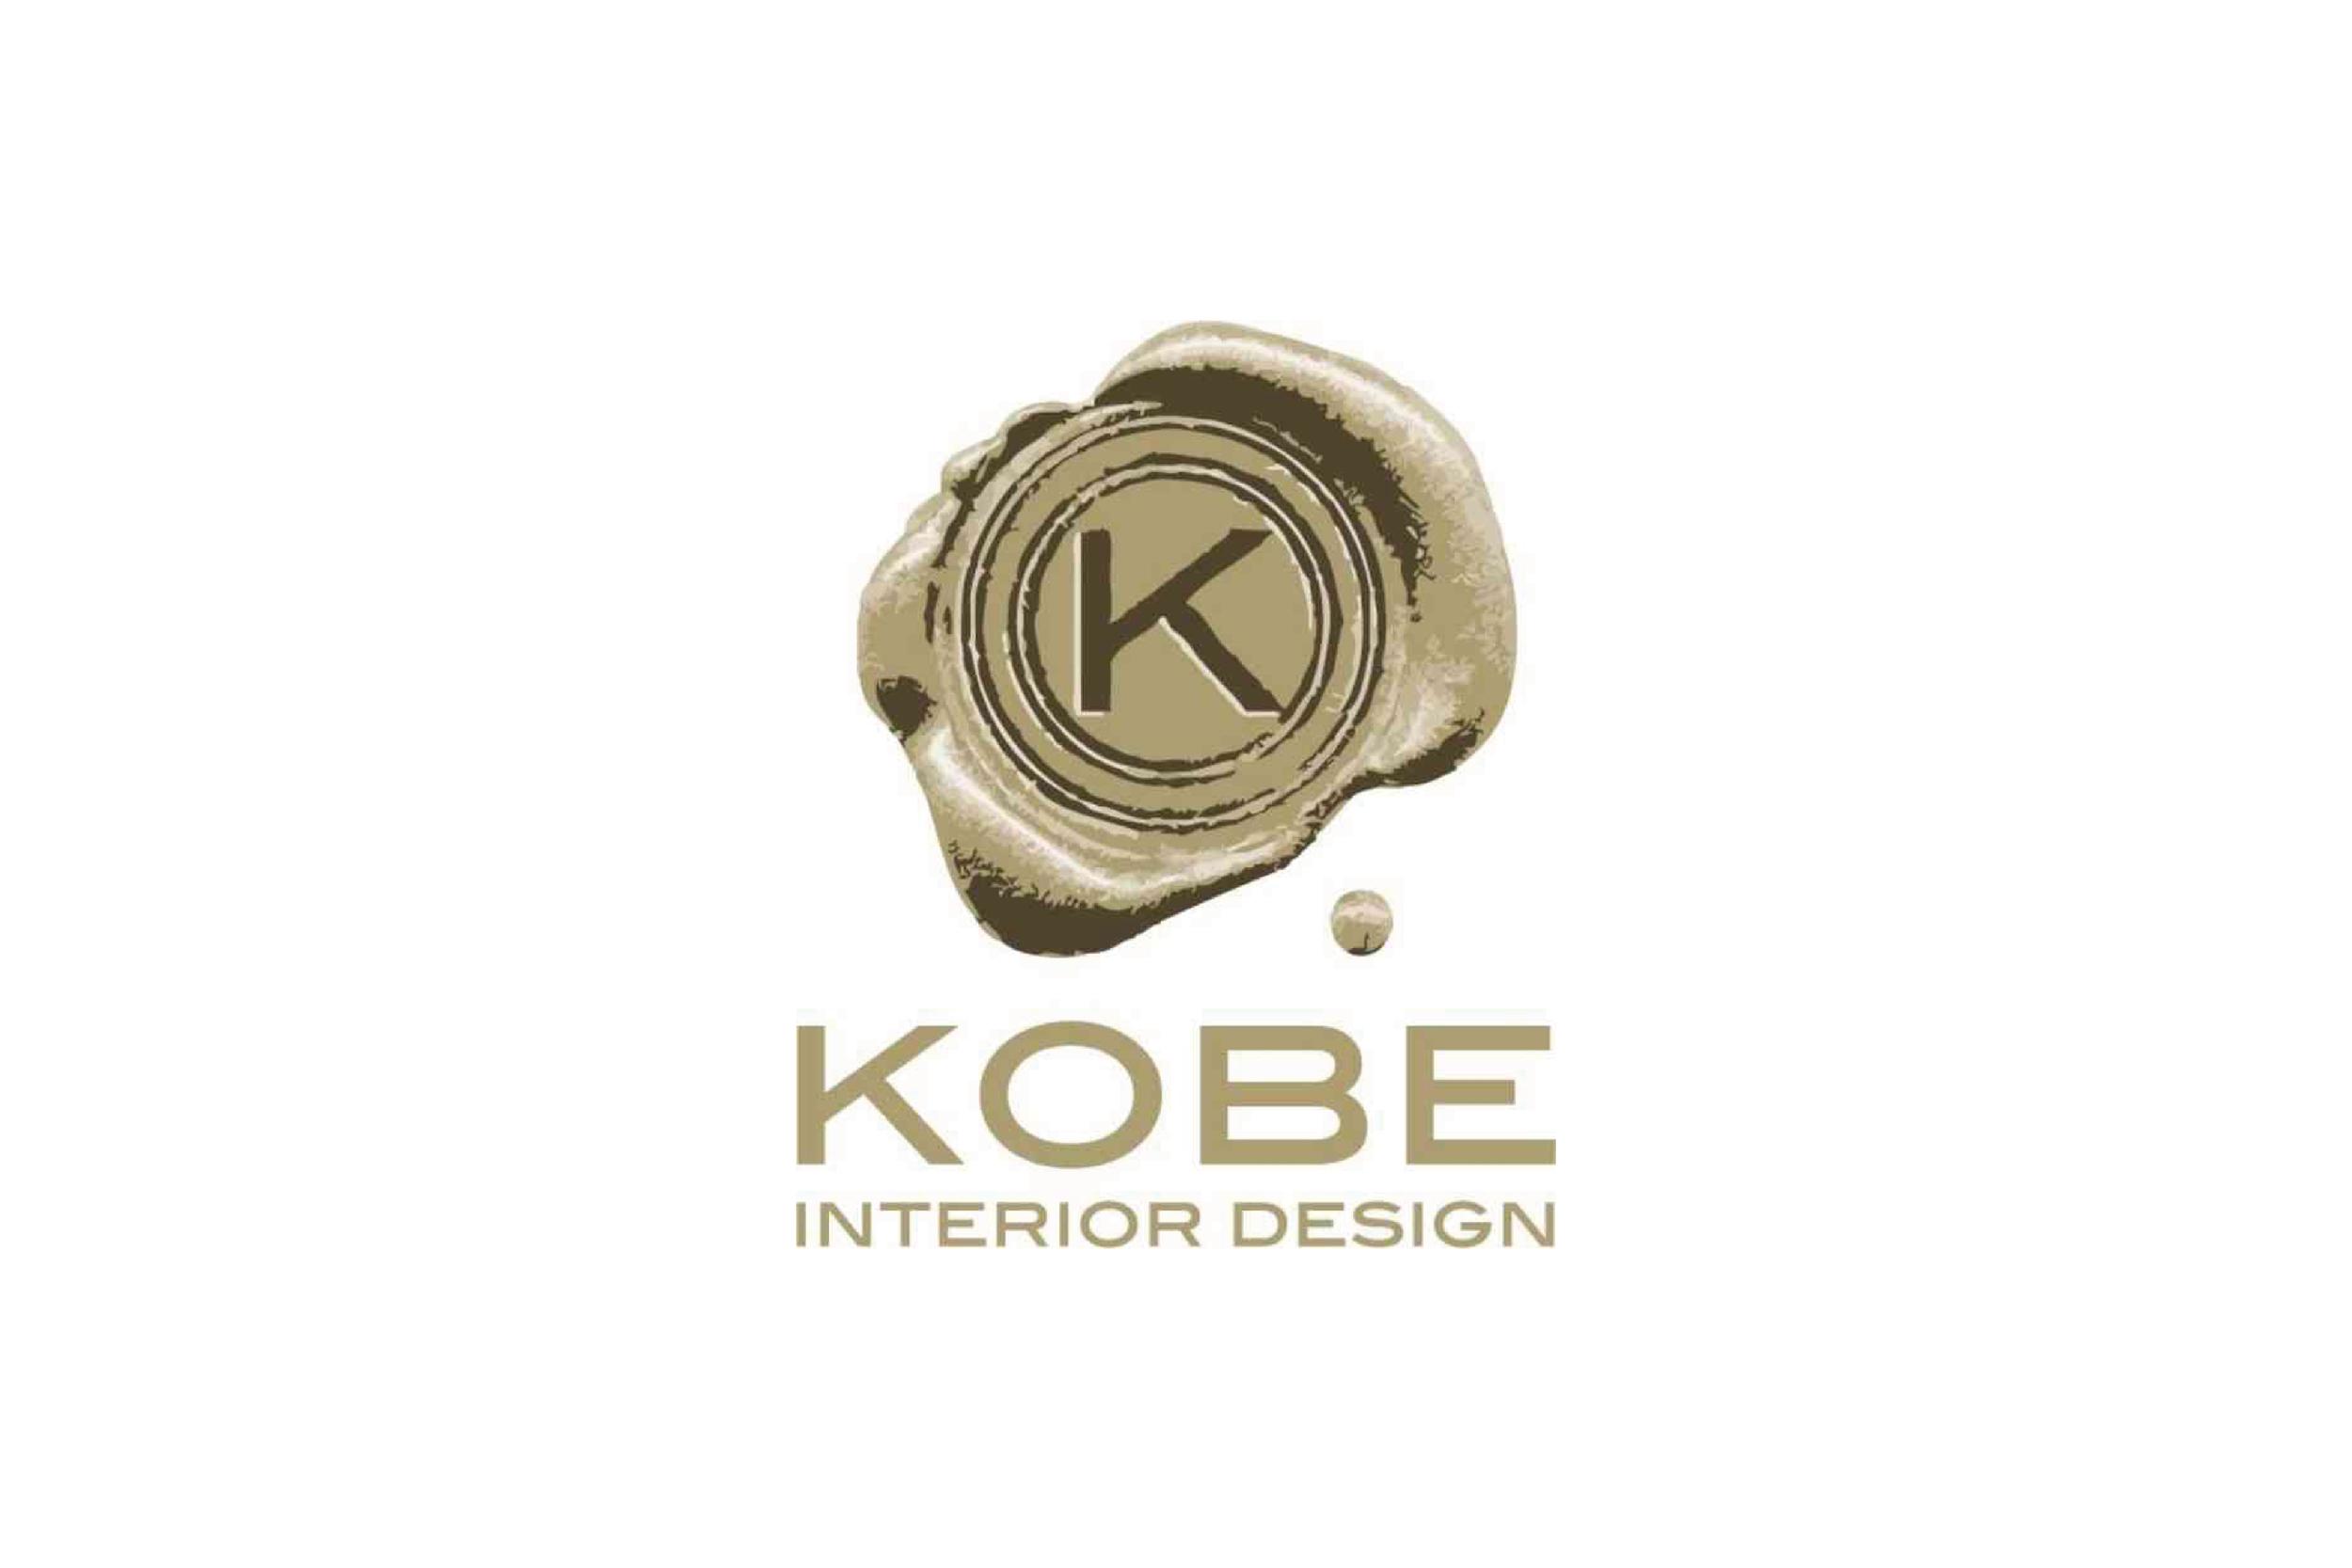 Kobe-01.png